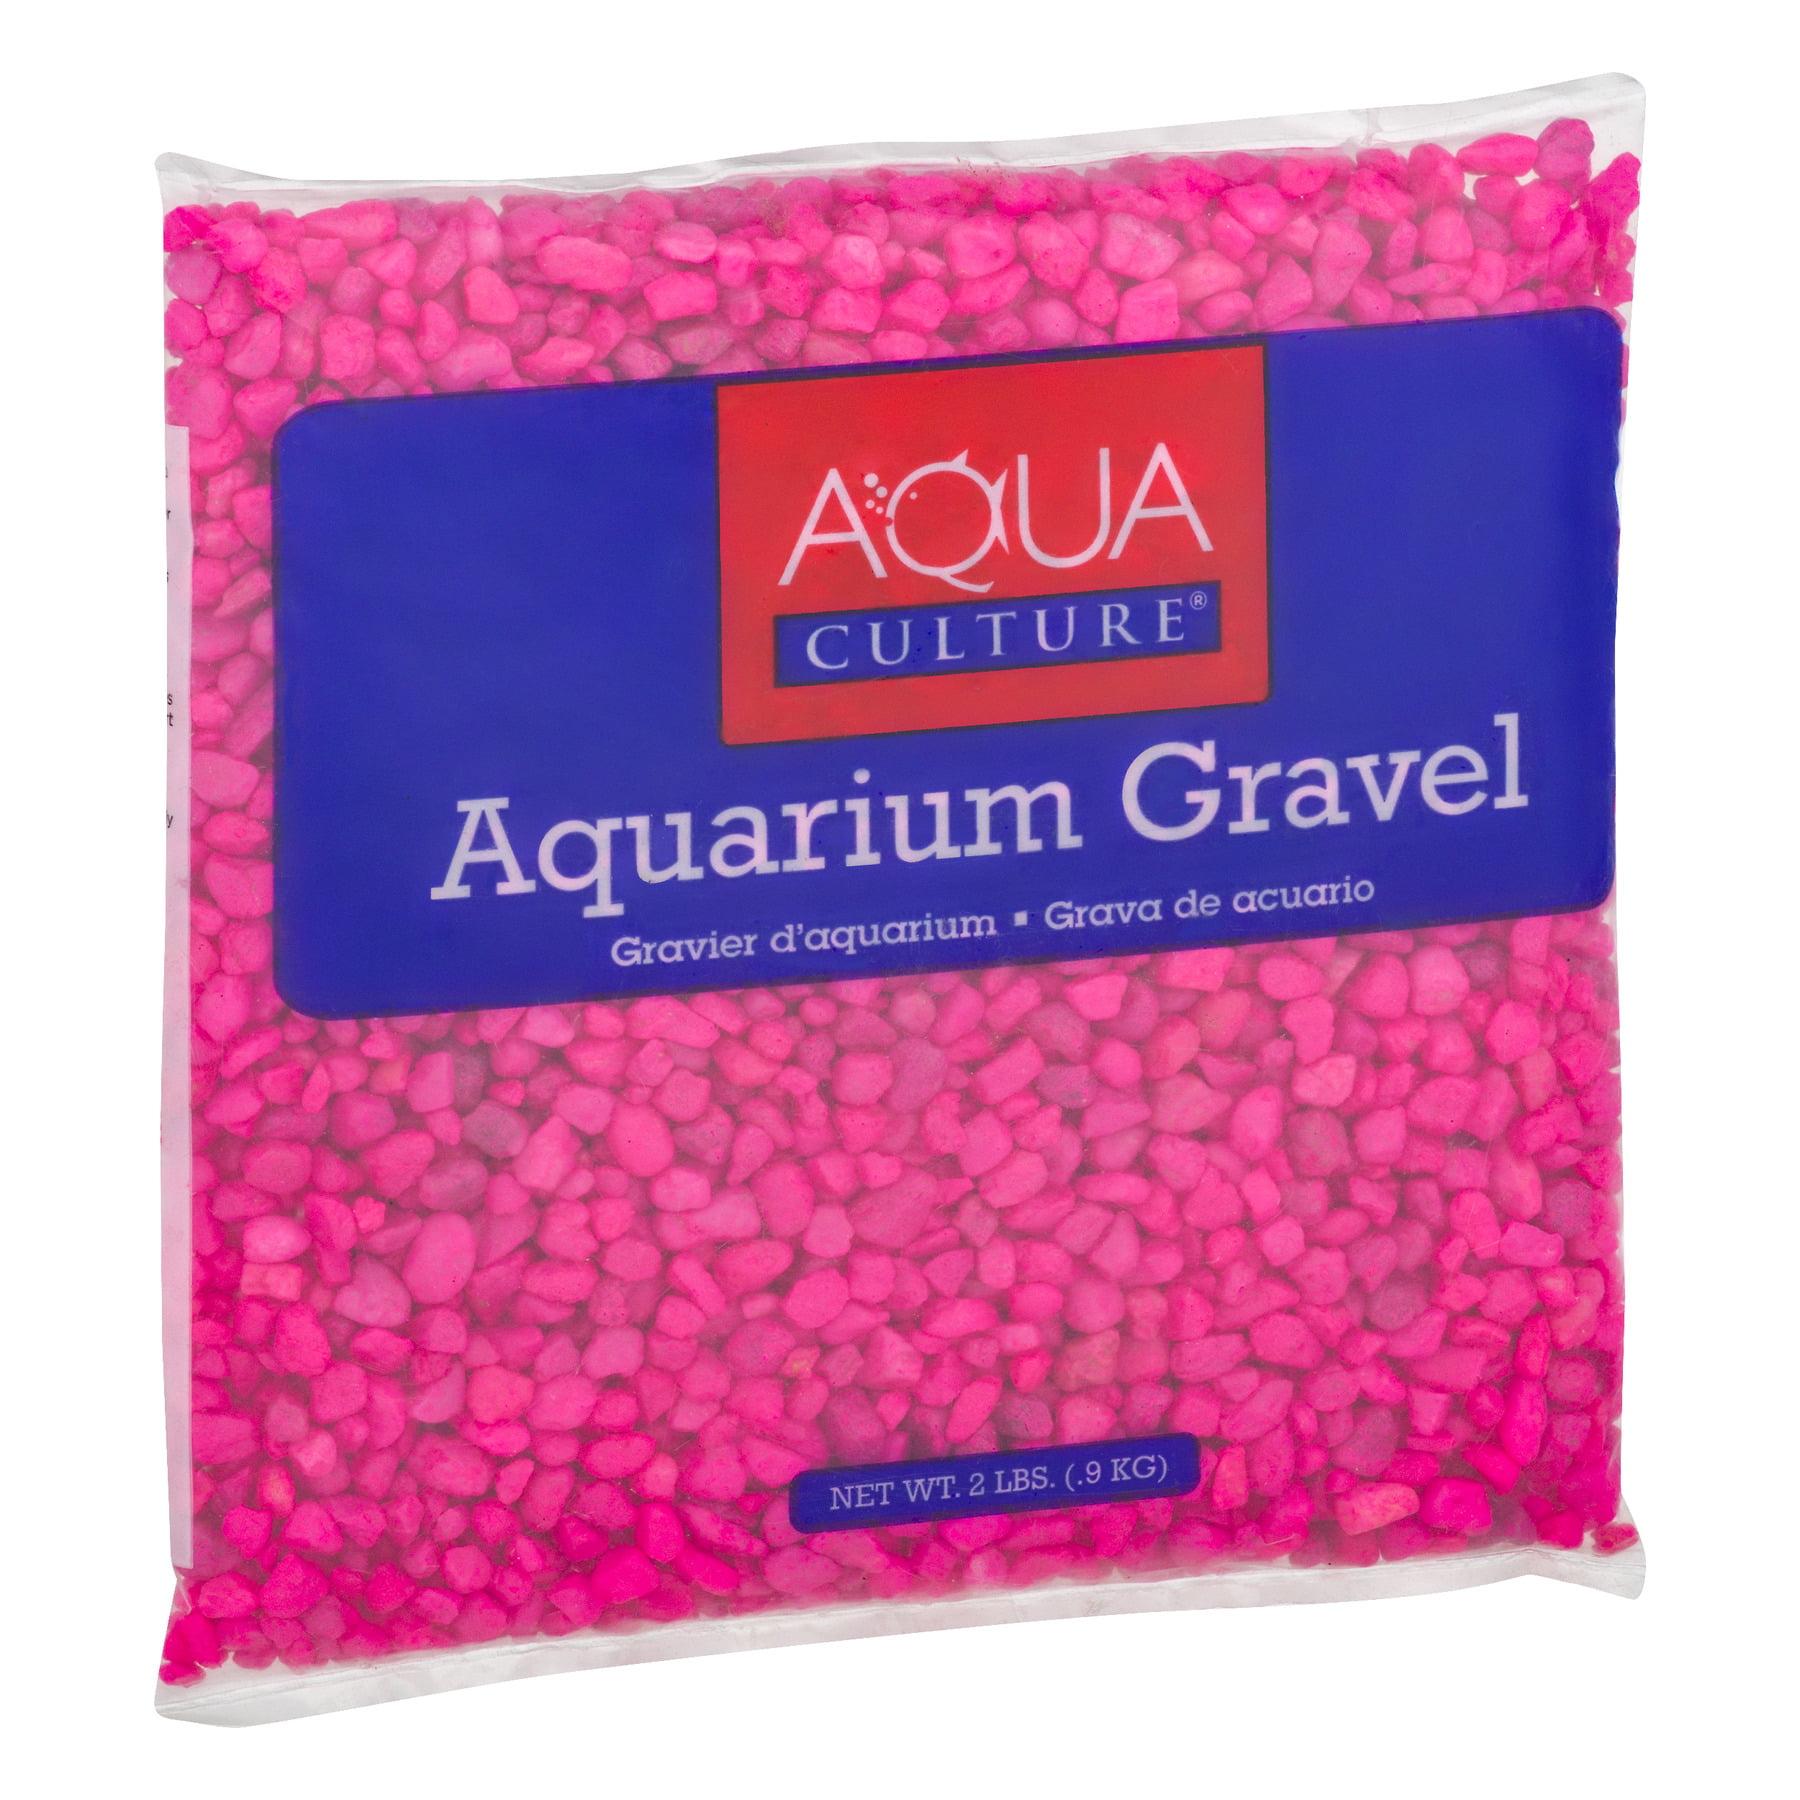 2 Pack) Aqua Culture Aquarium Gravel Pink, 2.0 LB - Walmart.com